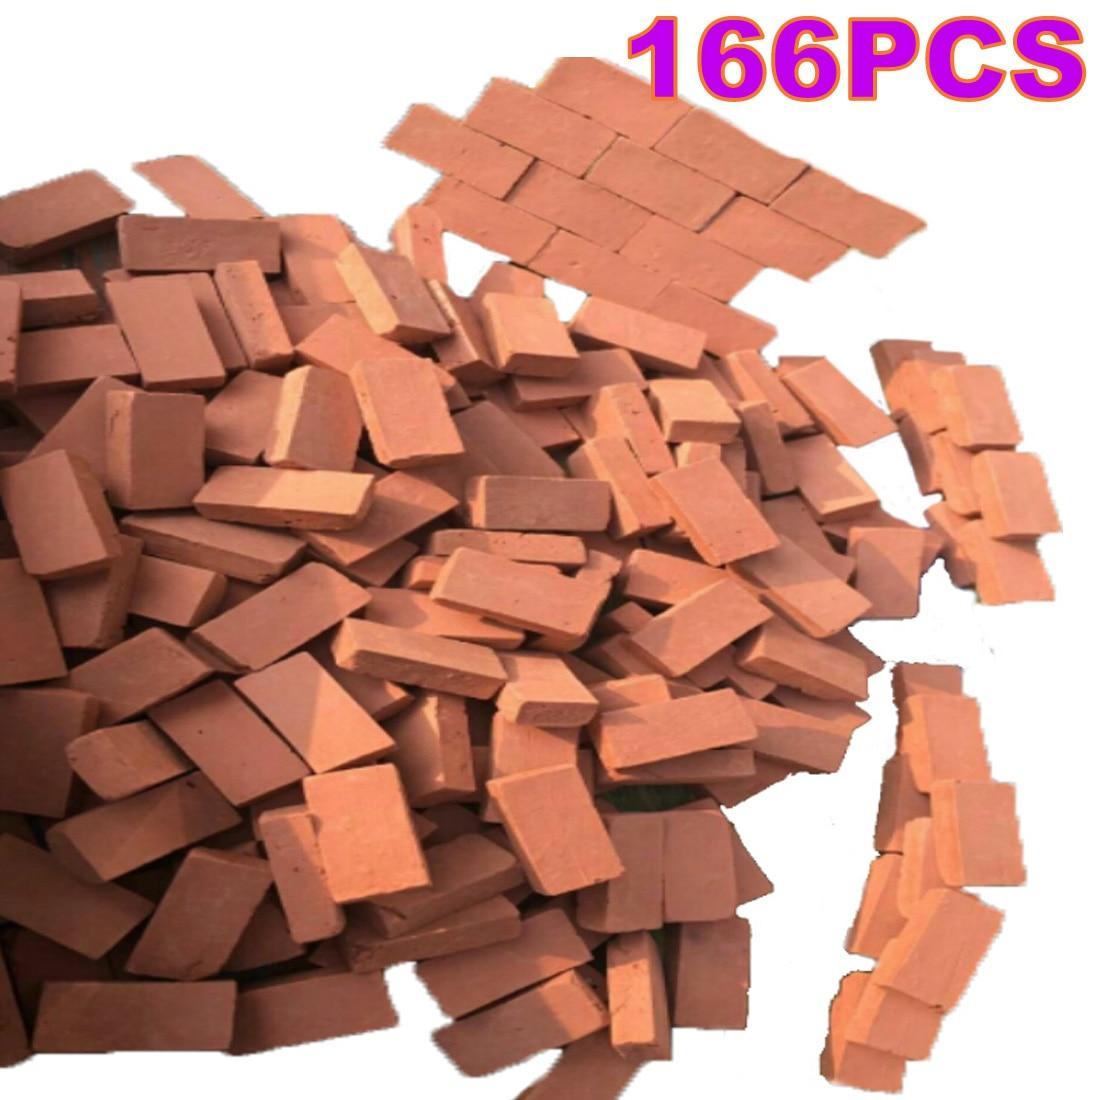 166 pçs/set 116 escala mini tijolos vermelhos modelo antigo micro paisagem tijolos decorativos para diy mesa de areia decoração do edifício